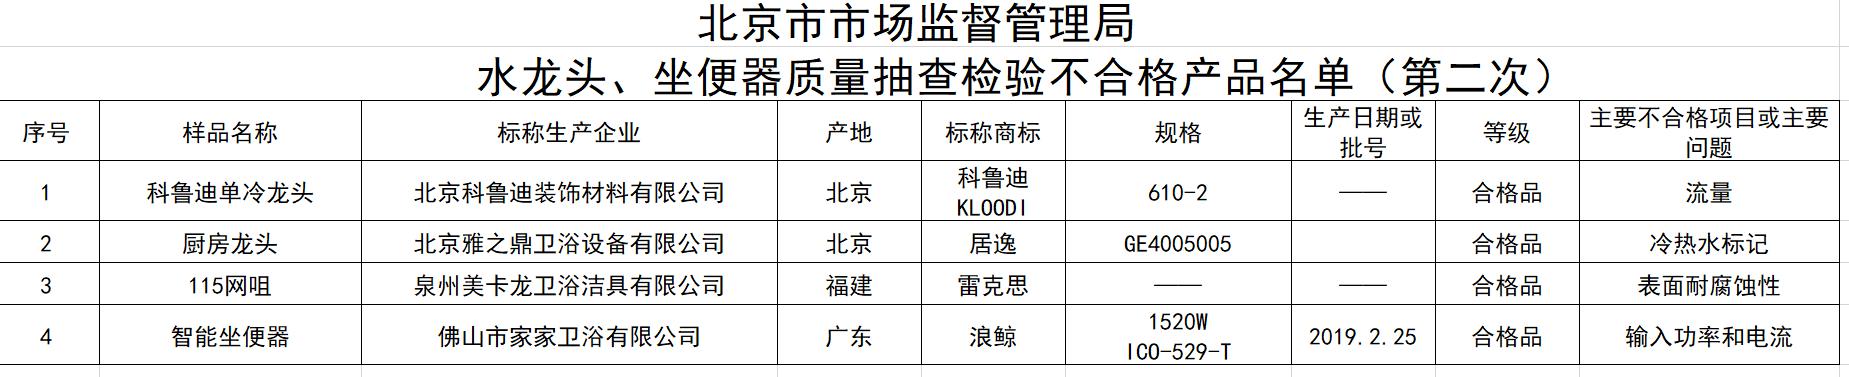 杏悦娱乐:器产品杏悦娱乐不合格浪鲸图片